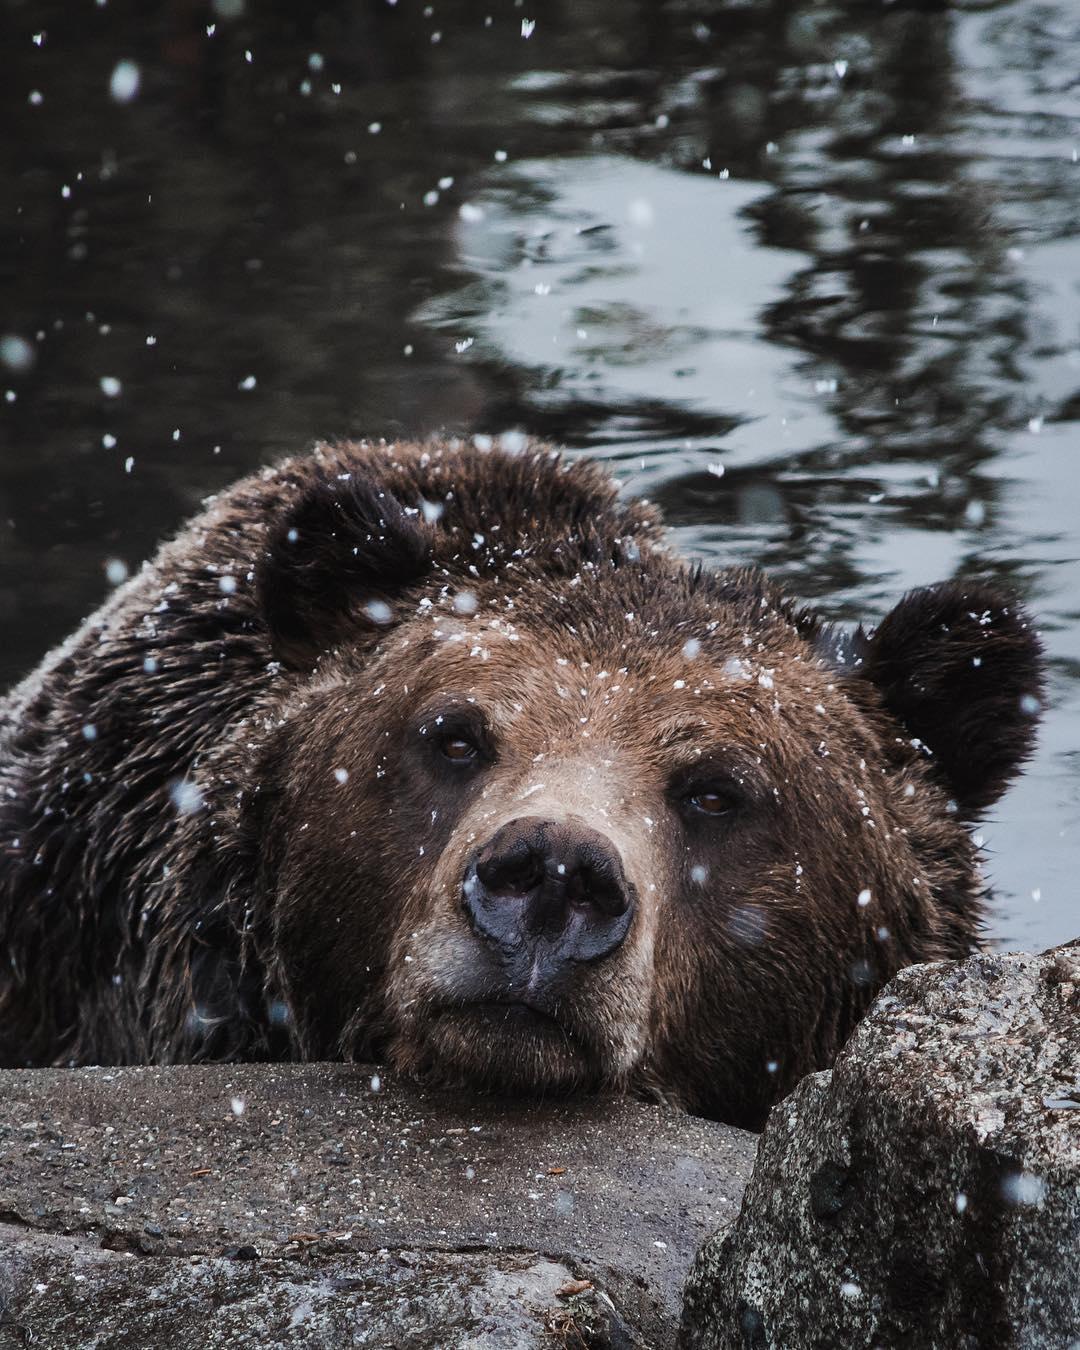 Дикие животные на снимках Максима Исраэля Кольера